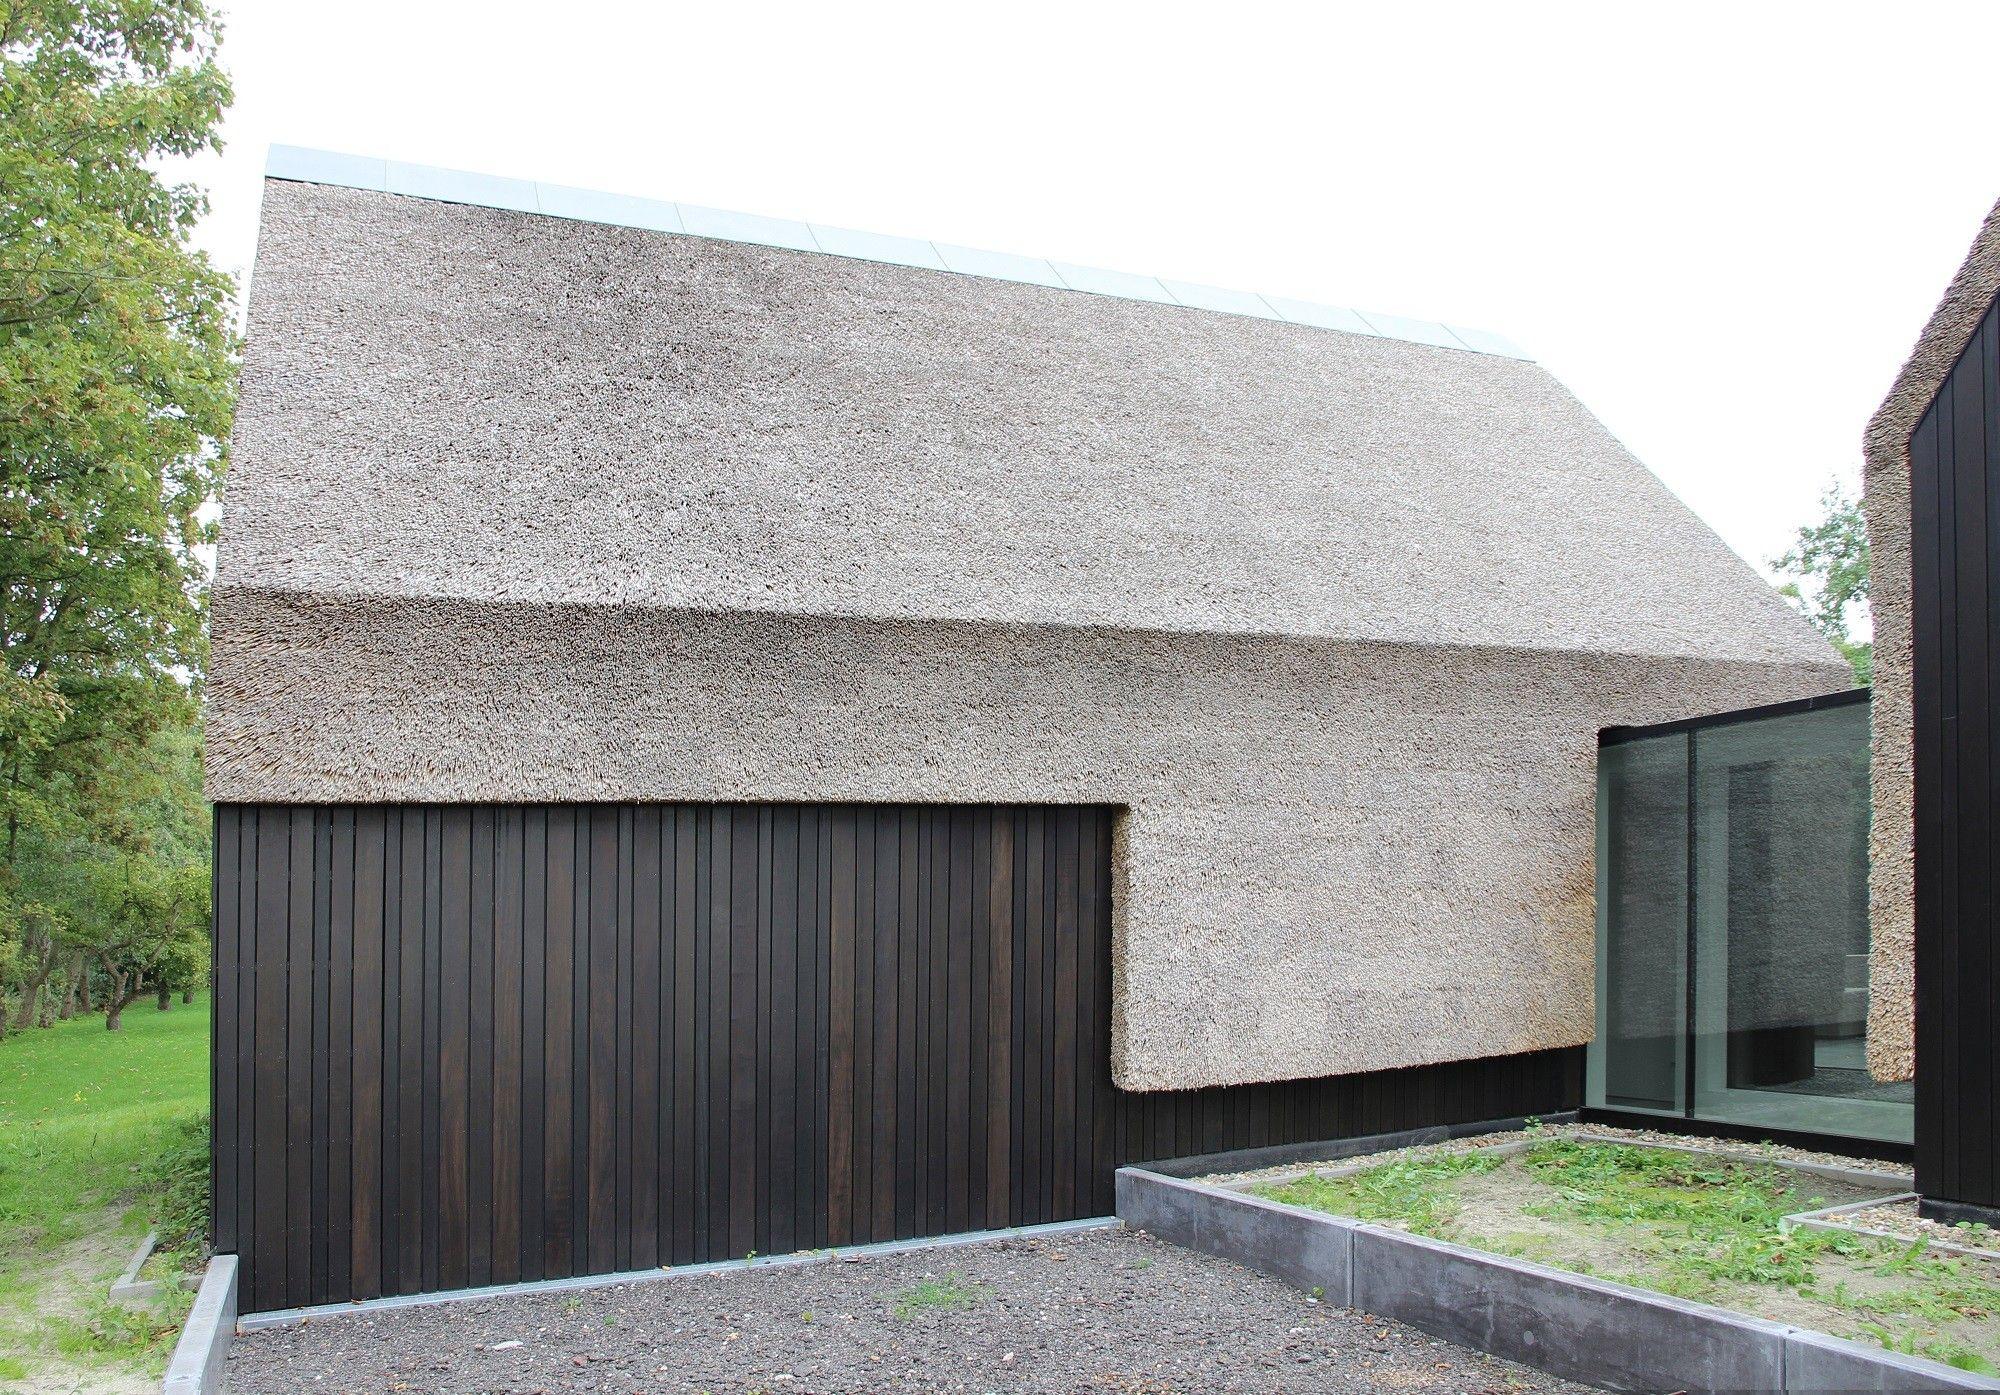 Wohnhaus in goes nachhaltig bauen wohnen for Wohnhaus bauen